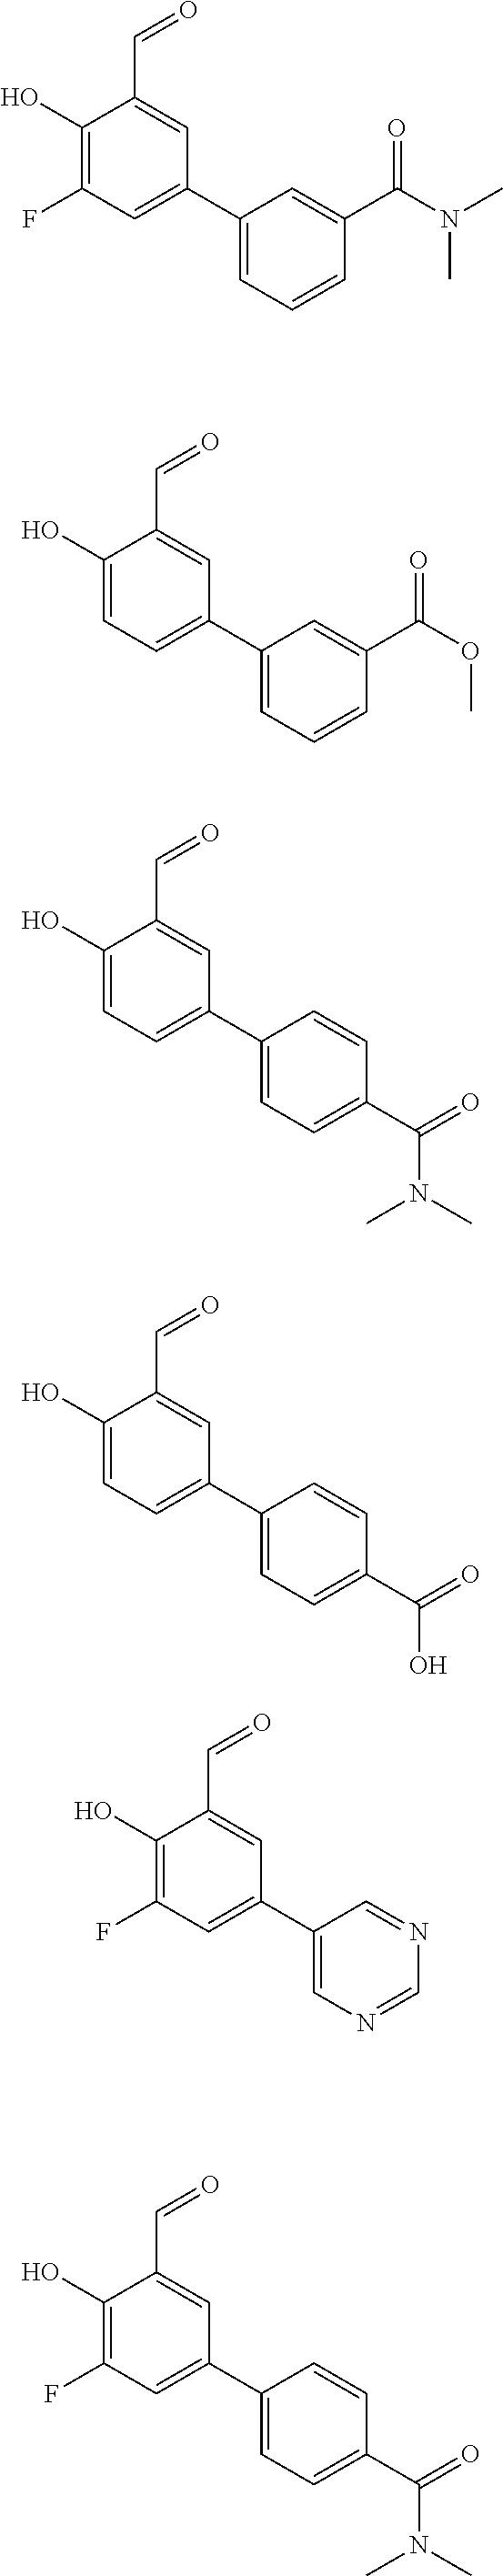 Figure US09241942-20160126-C00118